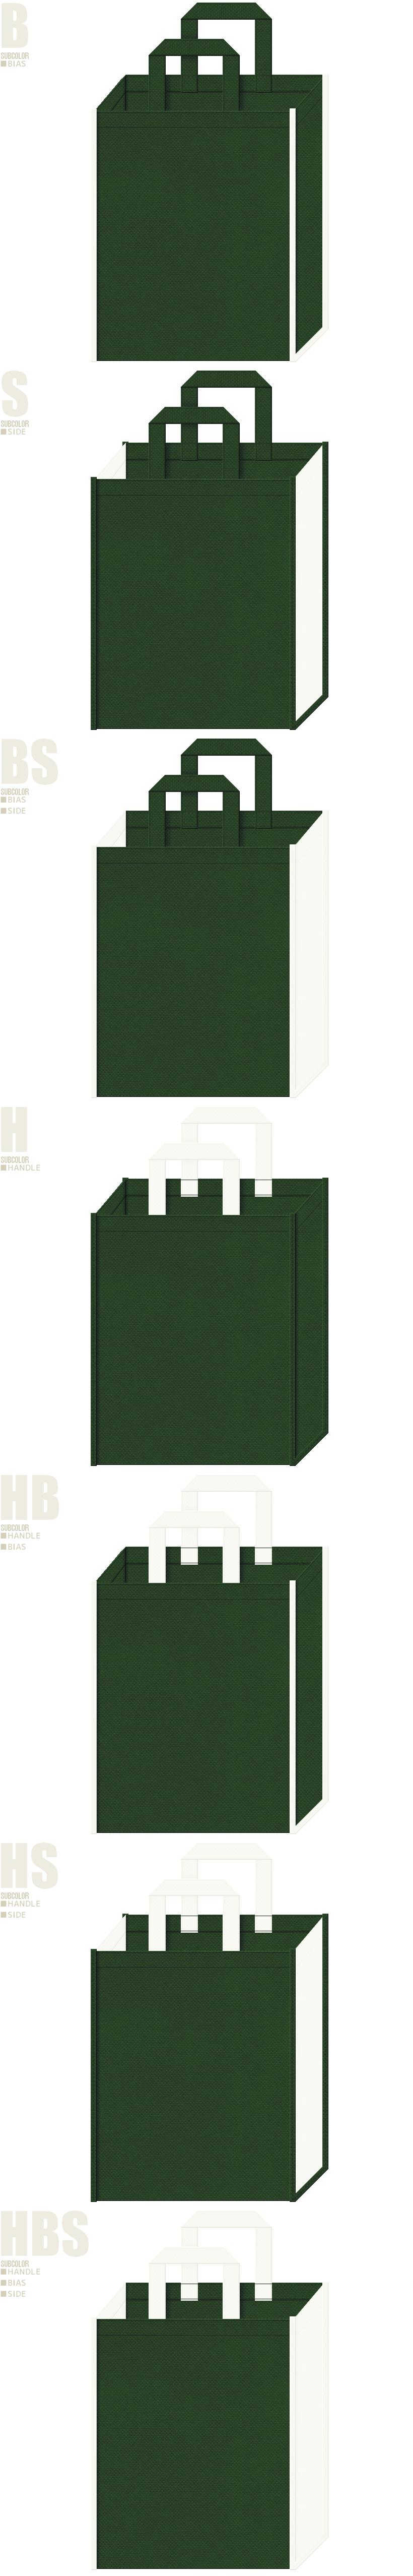 濃緑色とオフホワイト色、7パターンの不織布トートバッグ配色デザイン例。医療セミナーの資料配布用バッグにお奨めです。